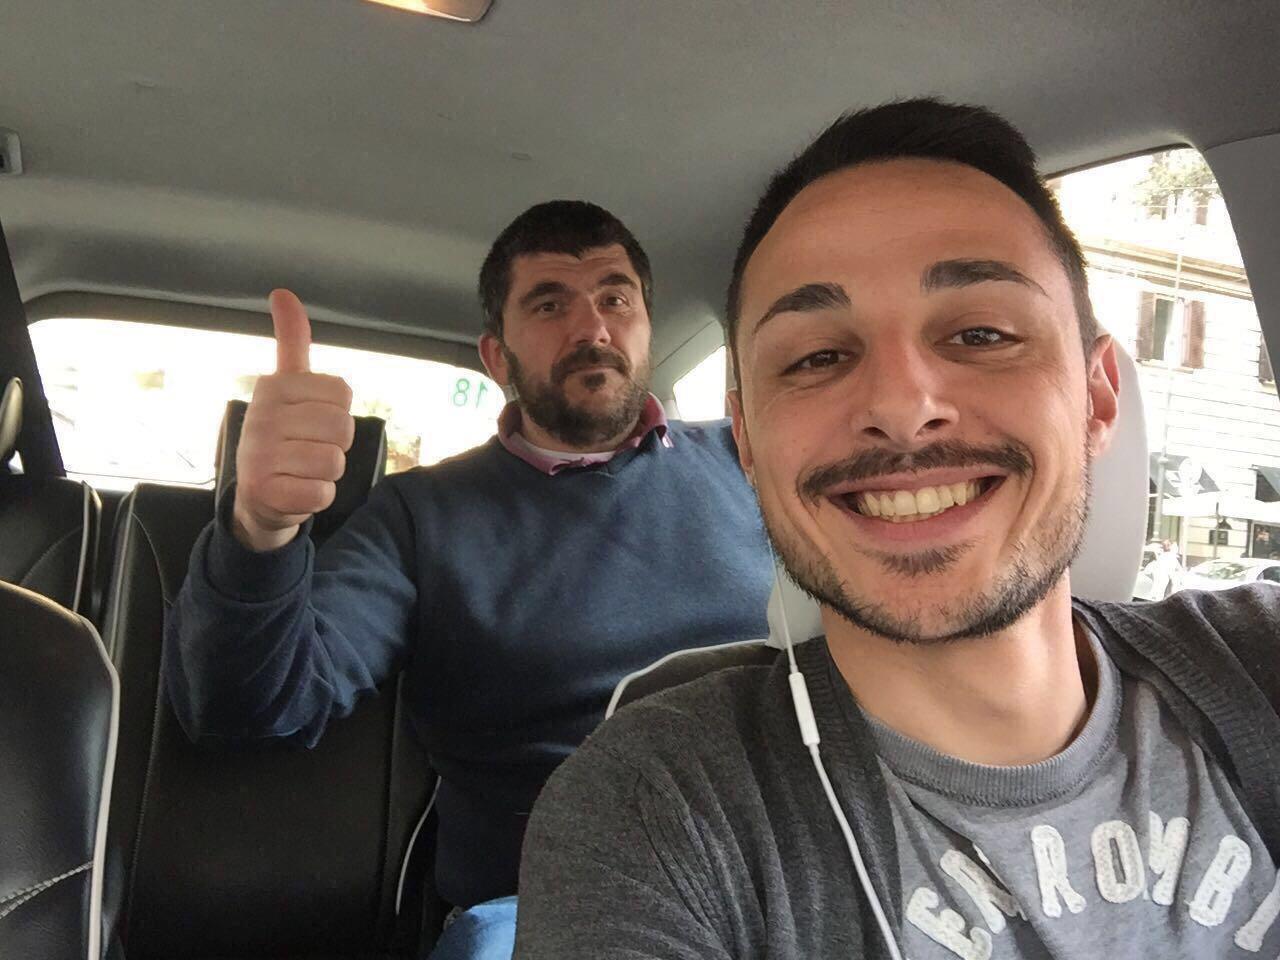 Immagini divertenti per WhatsApp - Due ragazzi in automobile